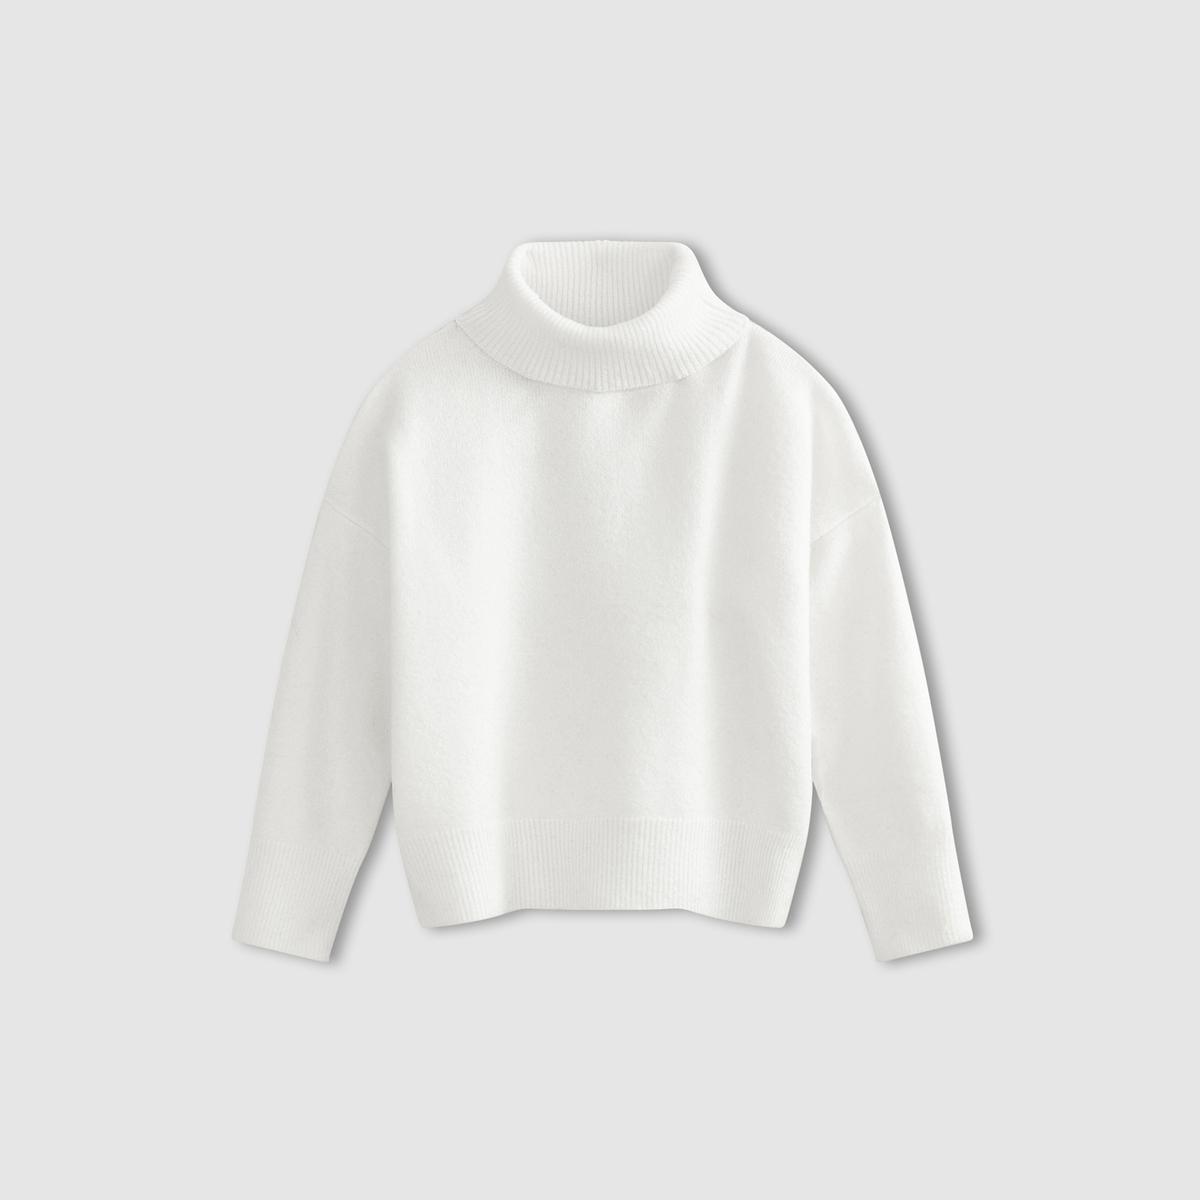 Пуловер с воротником-хомутом PRINCESSEПуловер PRINCESSE от SUNCOO. Воротник хомут. Объемный покрой. Длинные рукава. Отделка в рубчик.           Состав и деталиМатериал        100% акрила     Марка: SUNCOO<br><br>Цвет: экрю<br>Размер: M